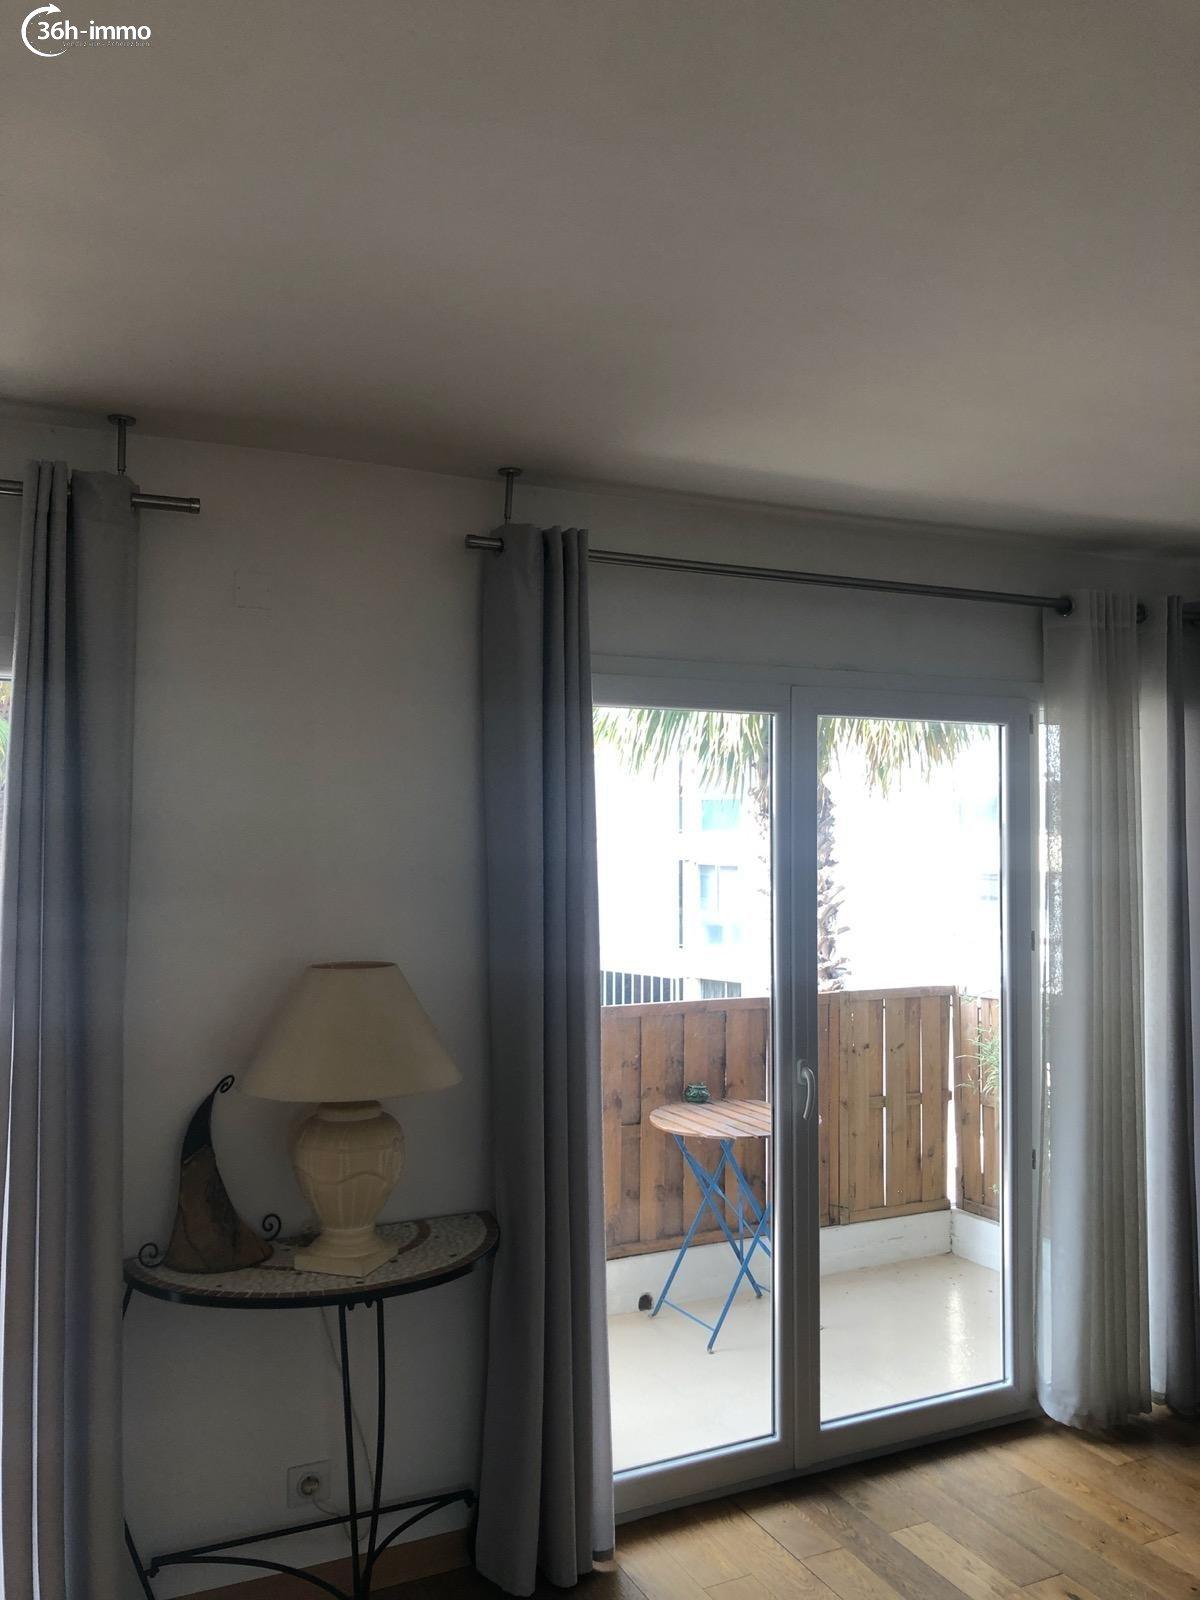 Appartement Perpignan 66000 Pyrenees-Orientales 74 m<sup>2</sup> 4 pi&eagrave;ces 110000 euros